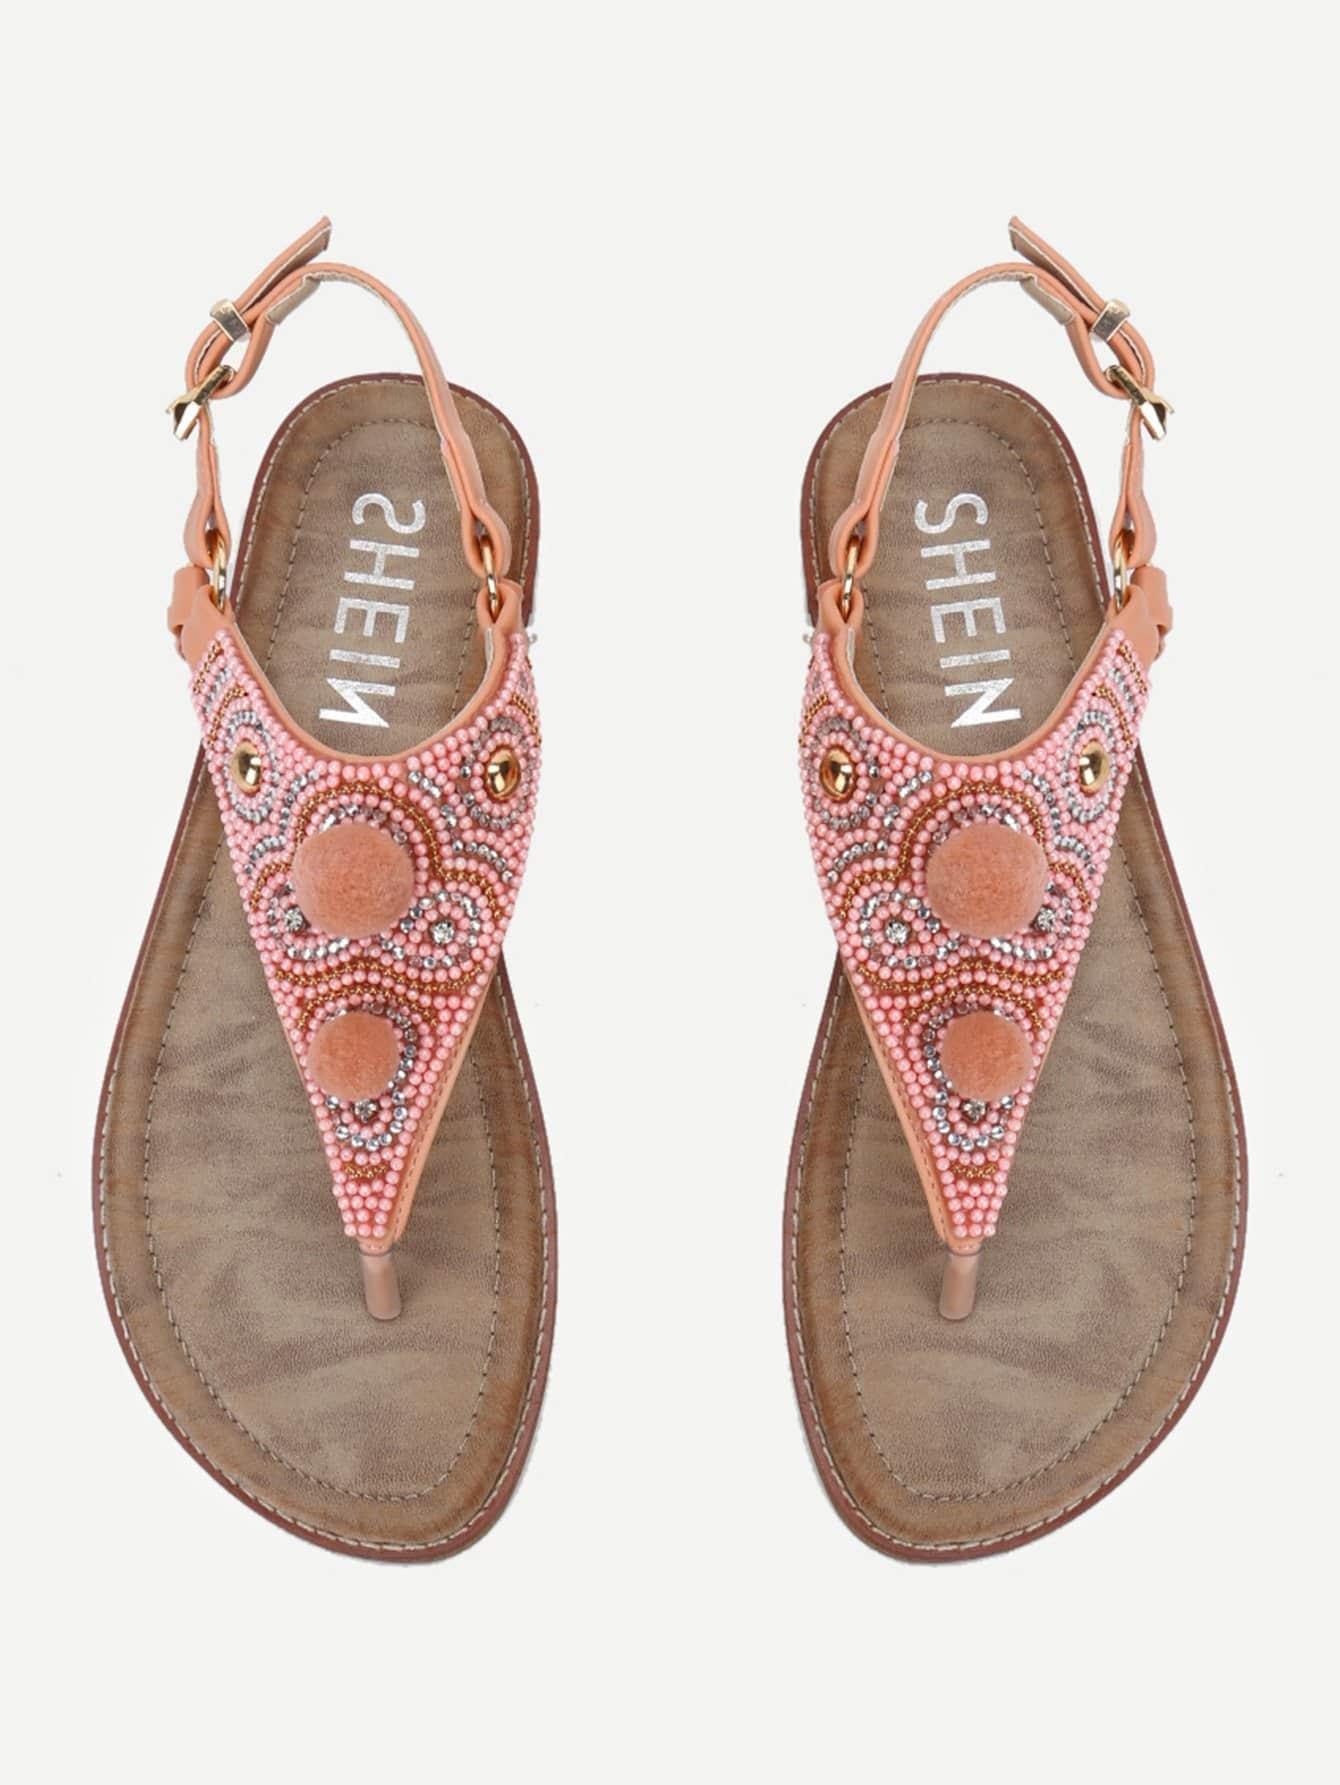 Pom Pom Design Toe Post Sandals rhinestone design toe post sandals